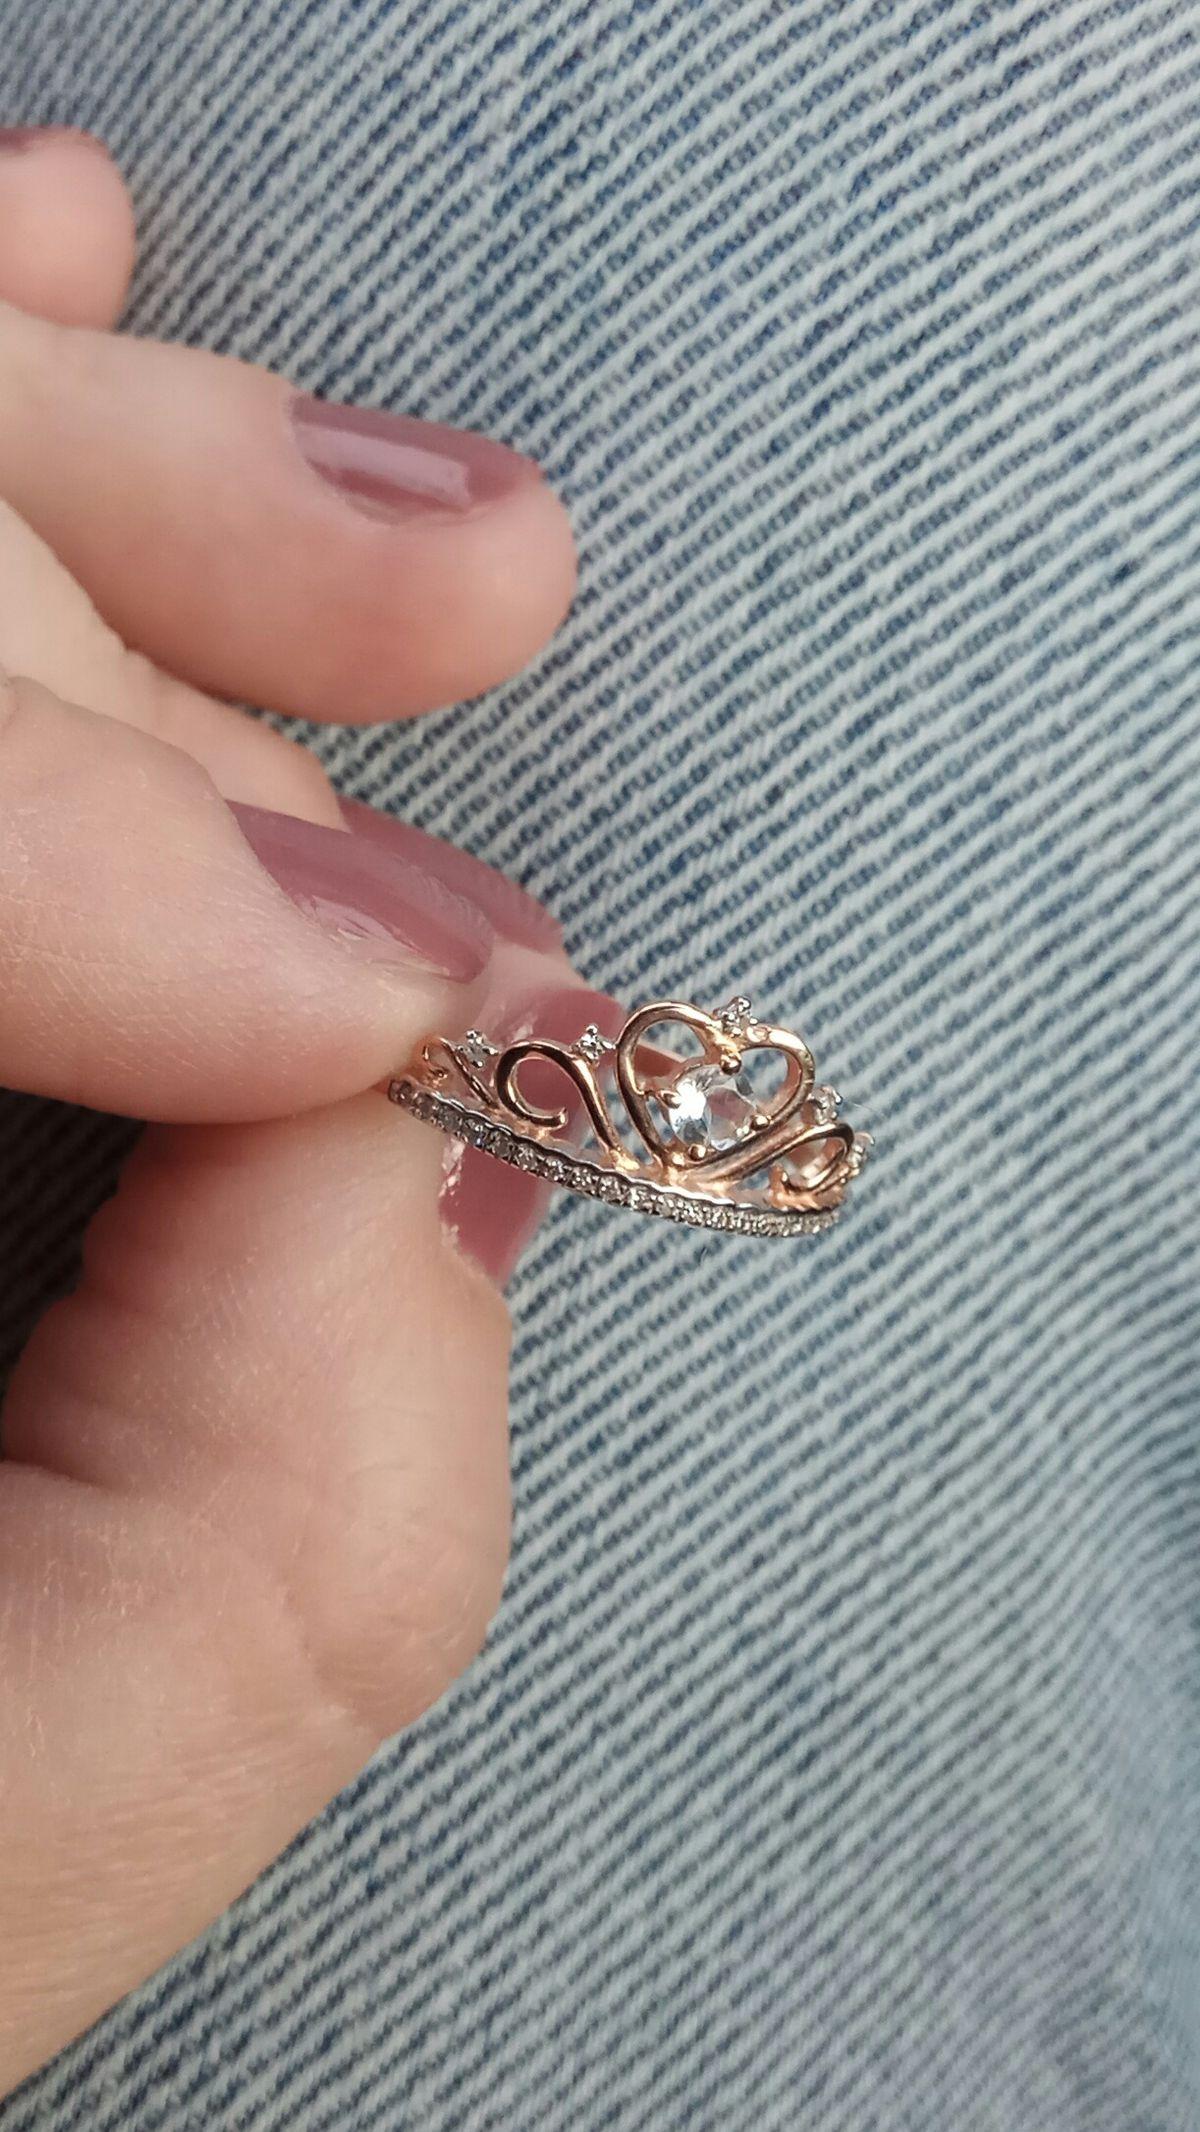 Кольцо королевы 👸